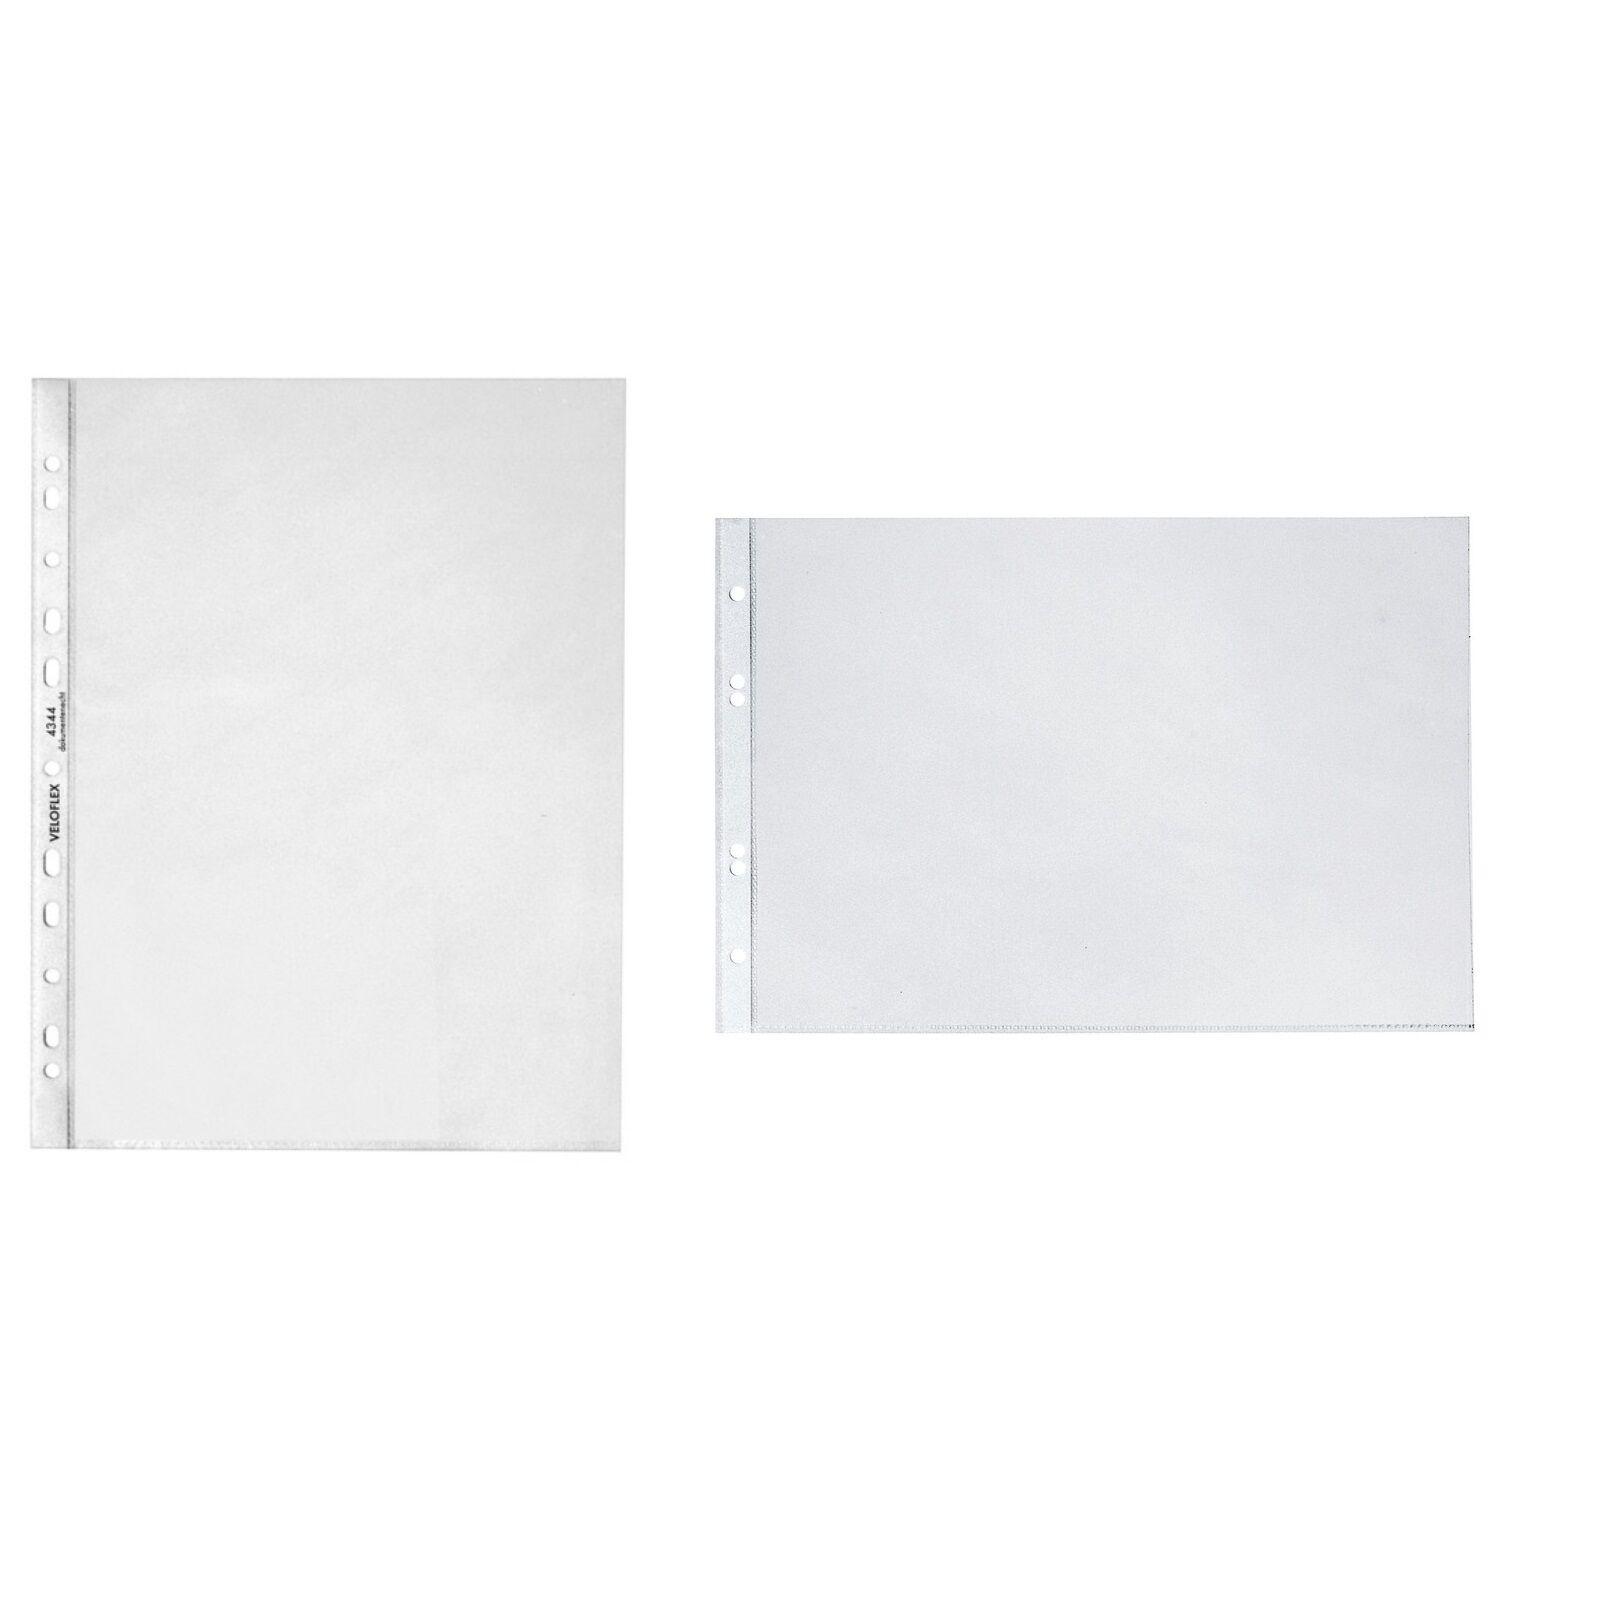 10 od. 100 St Prospekthülle Klarsichthüllen für Tischflipchart A3 quer hoch klar | Günstig  | Qualität Produkte  | Trendy